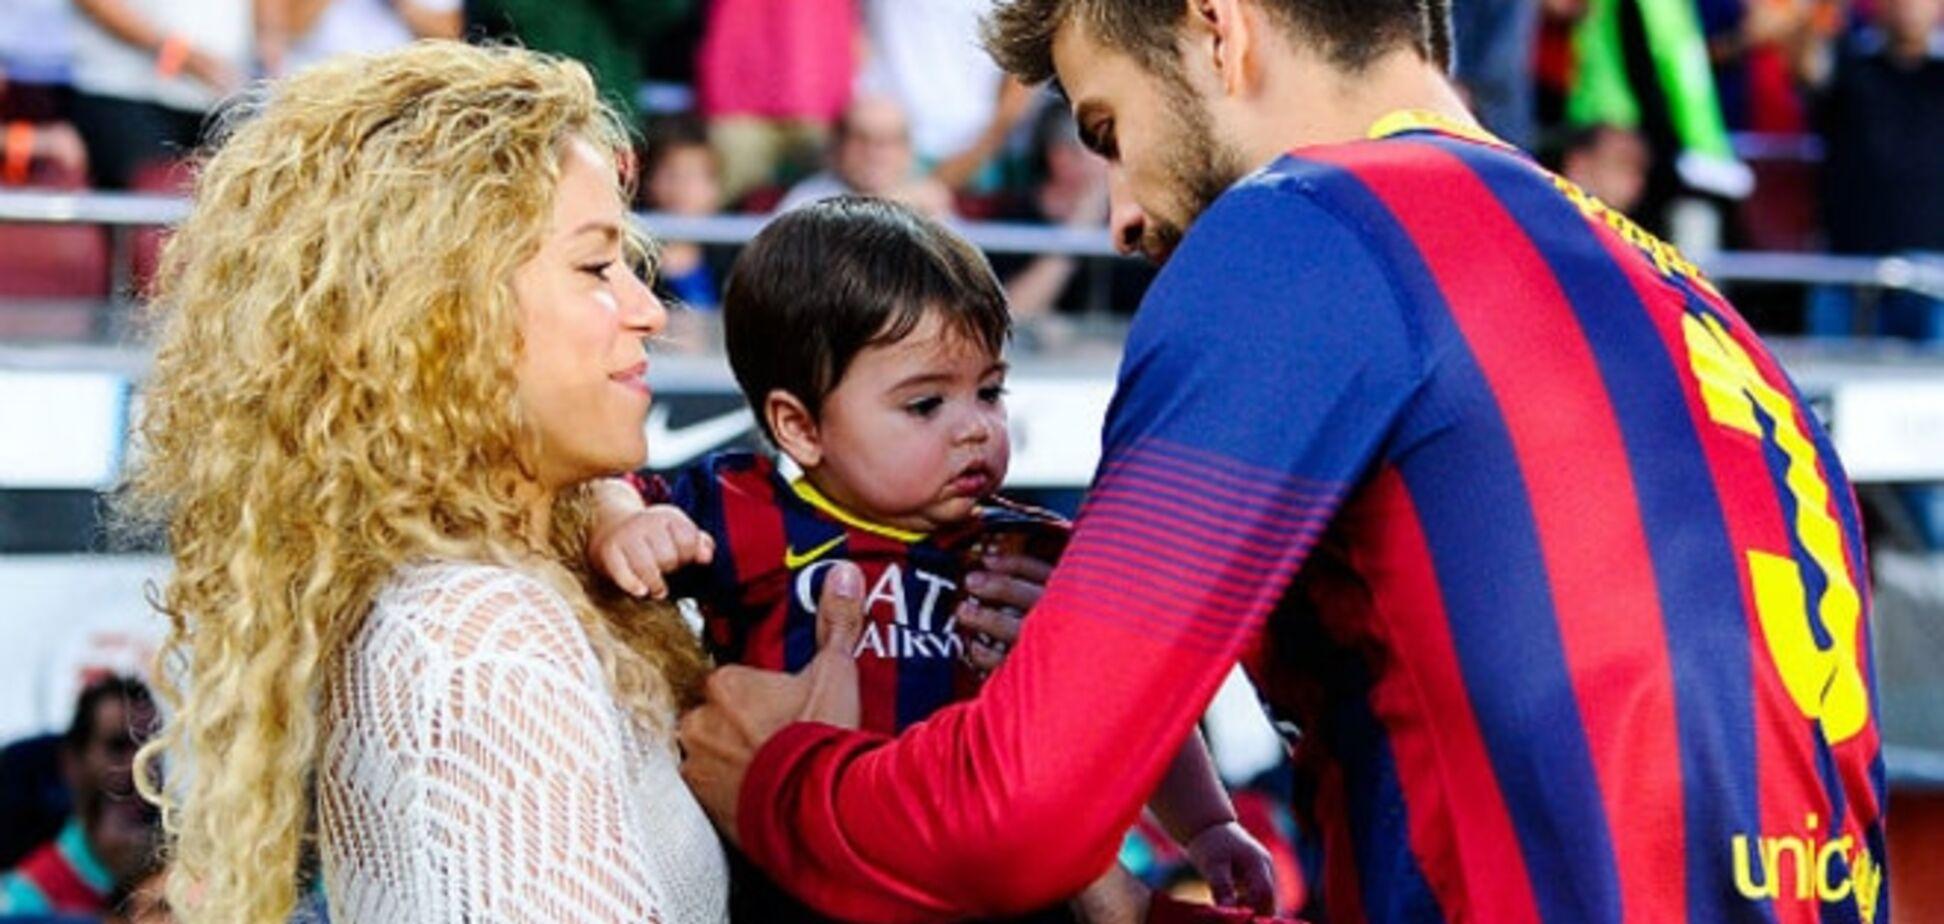 Шакира взорвала сеть своим видео баловства с футболистом